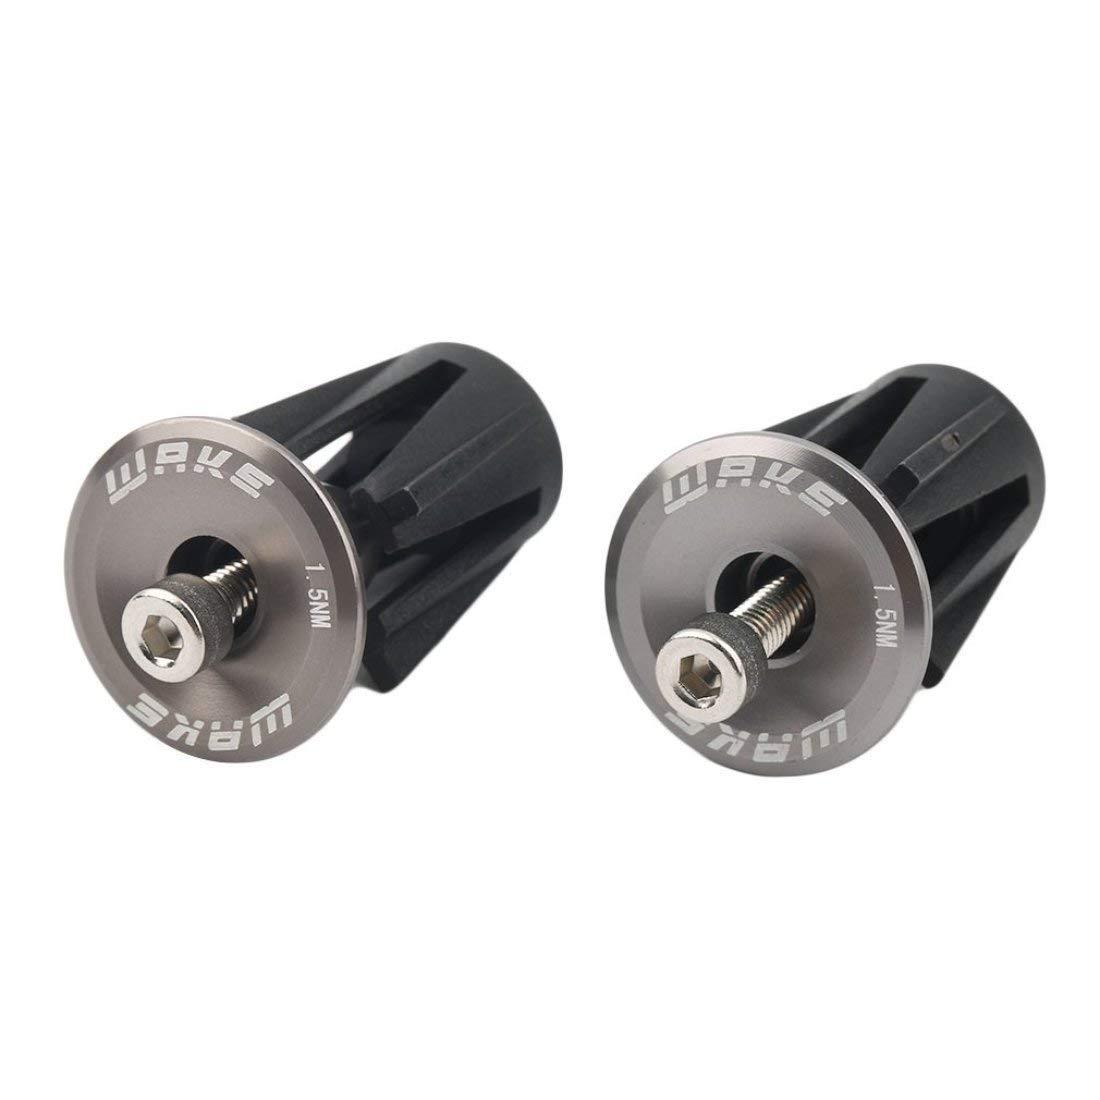 Taillen-Trainer hohe Kompression Gewichtsverlust DANALA Damen Taillenkorsett mit Rei/ßverschluss und Klettverschluss Neopren